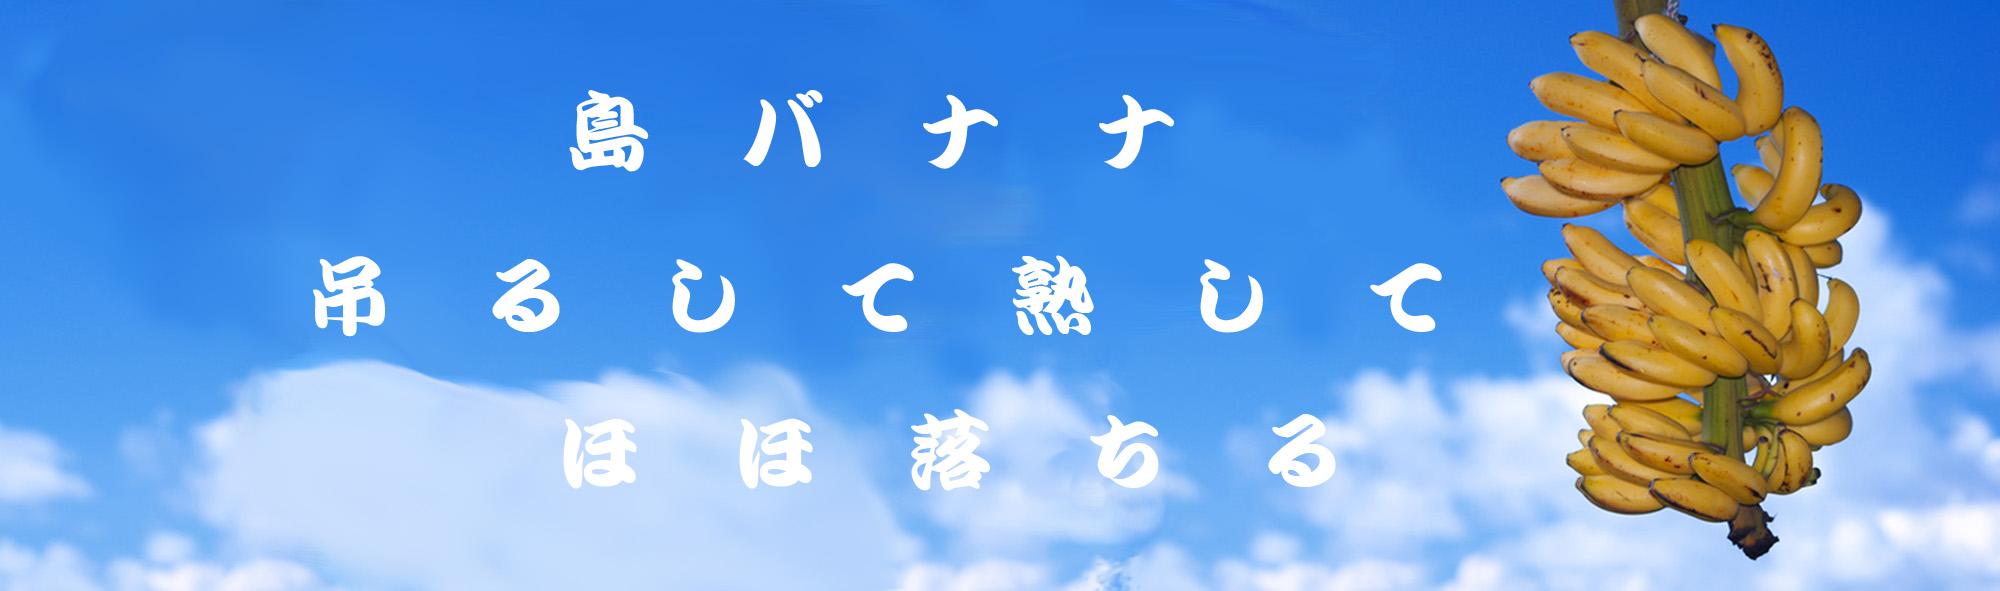 2017年ロゴ